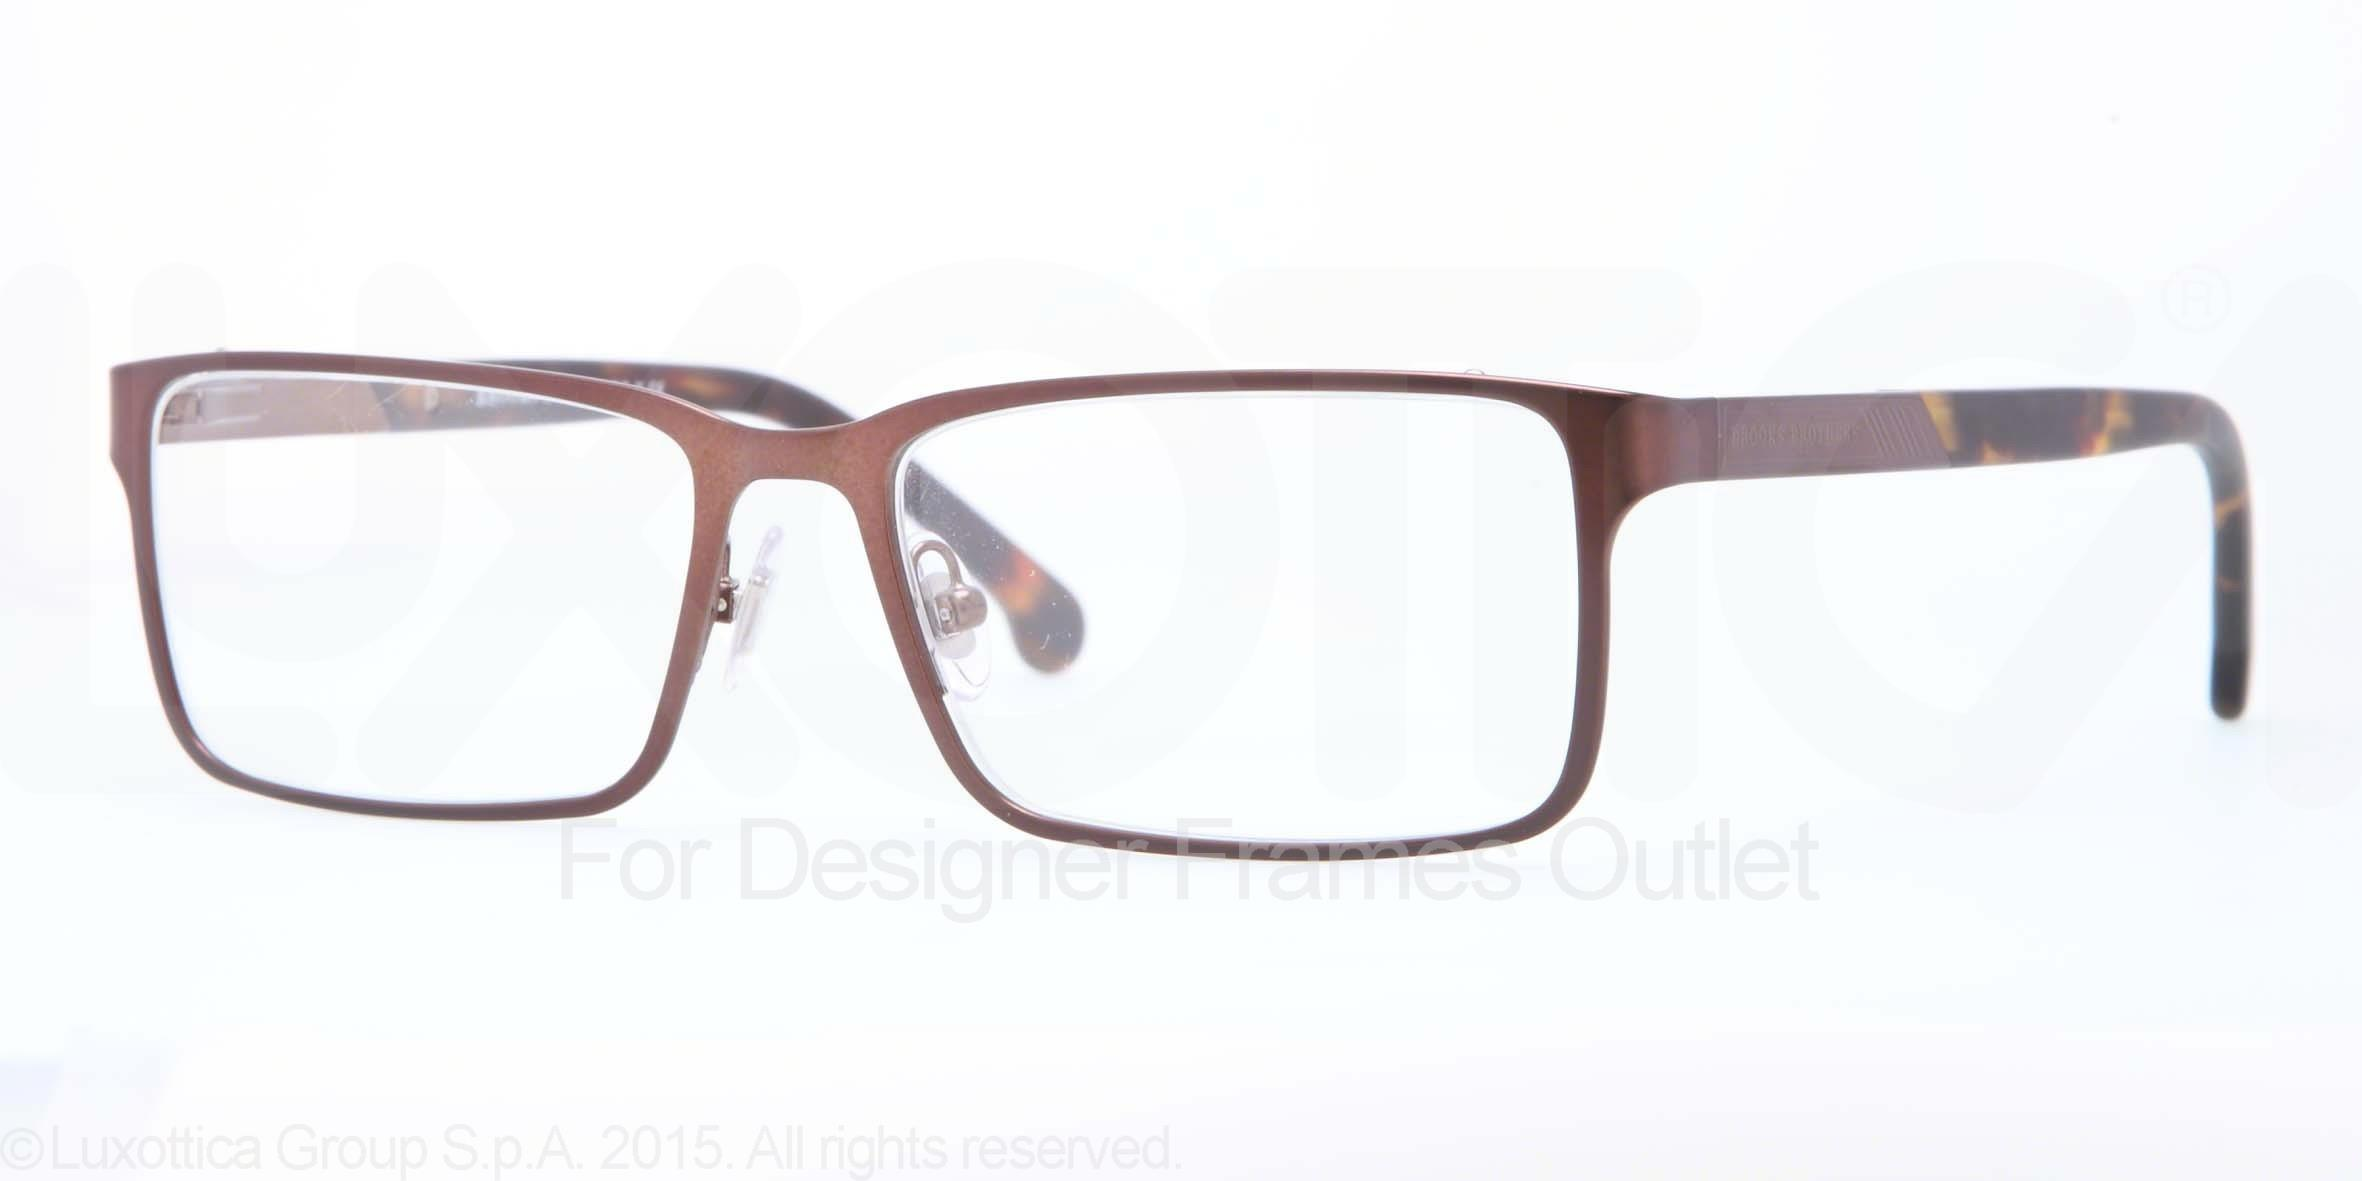 Designer Frames Outlet Brooks Brothers Bb1024